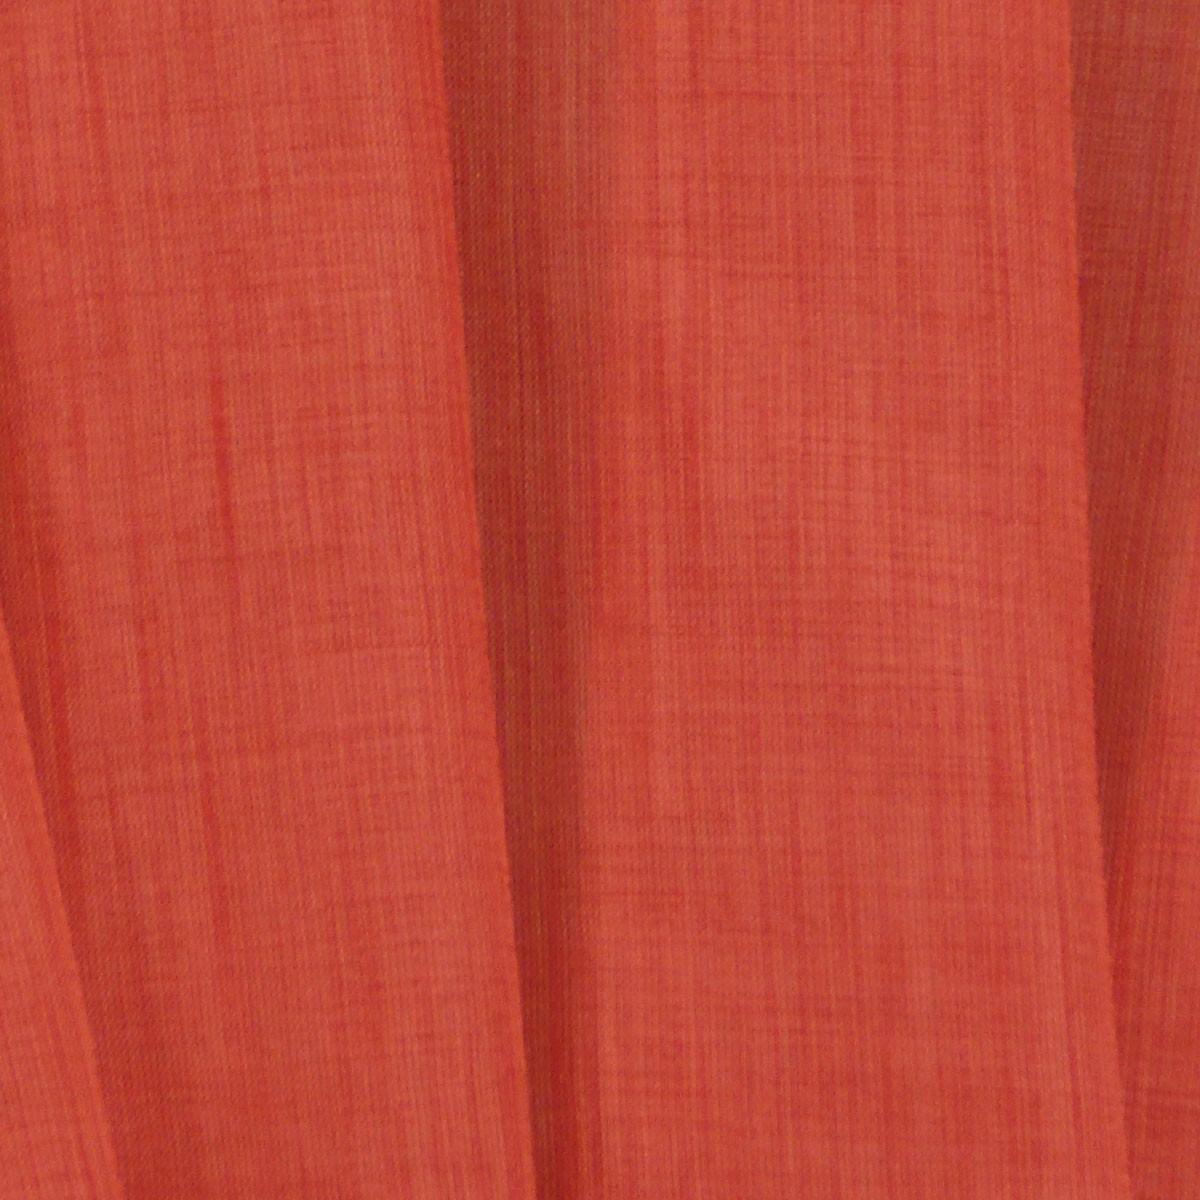 gardinen stoff meterware ambiente leinenoptik terrakotta 150cm breite stoffe wohnstoffe dekostoffe. Black Bedroom Furniture Sets. Home Design Ideas